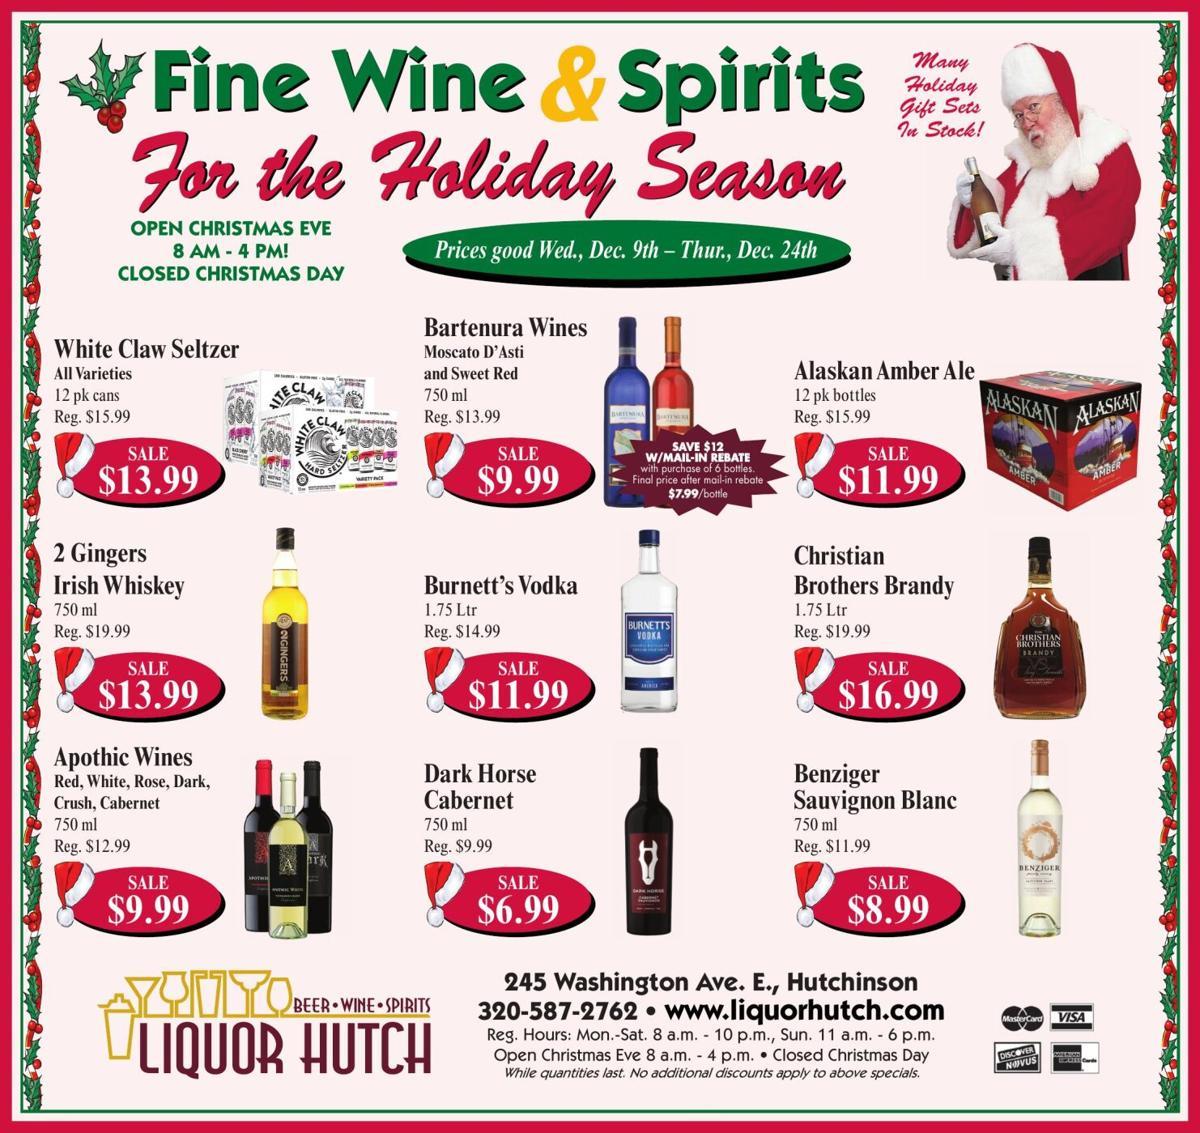 Fine Wine & Spirits Many Holiday Gift